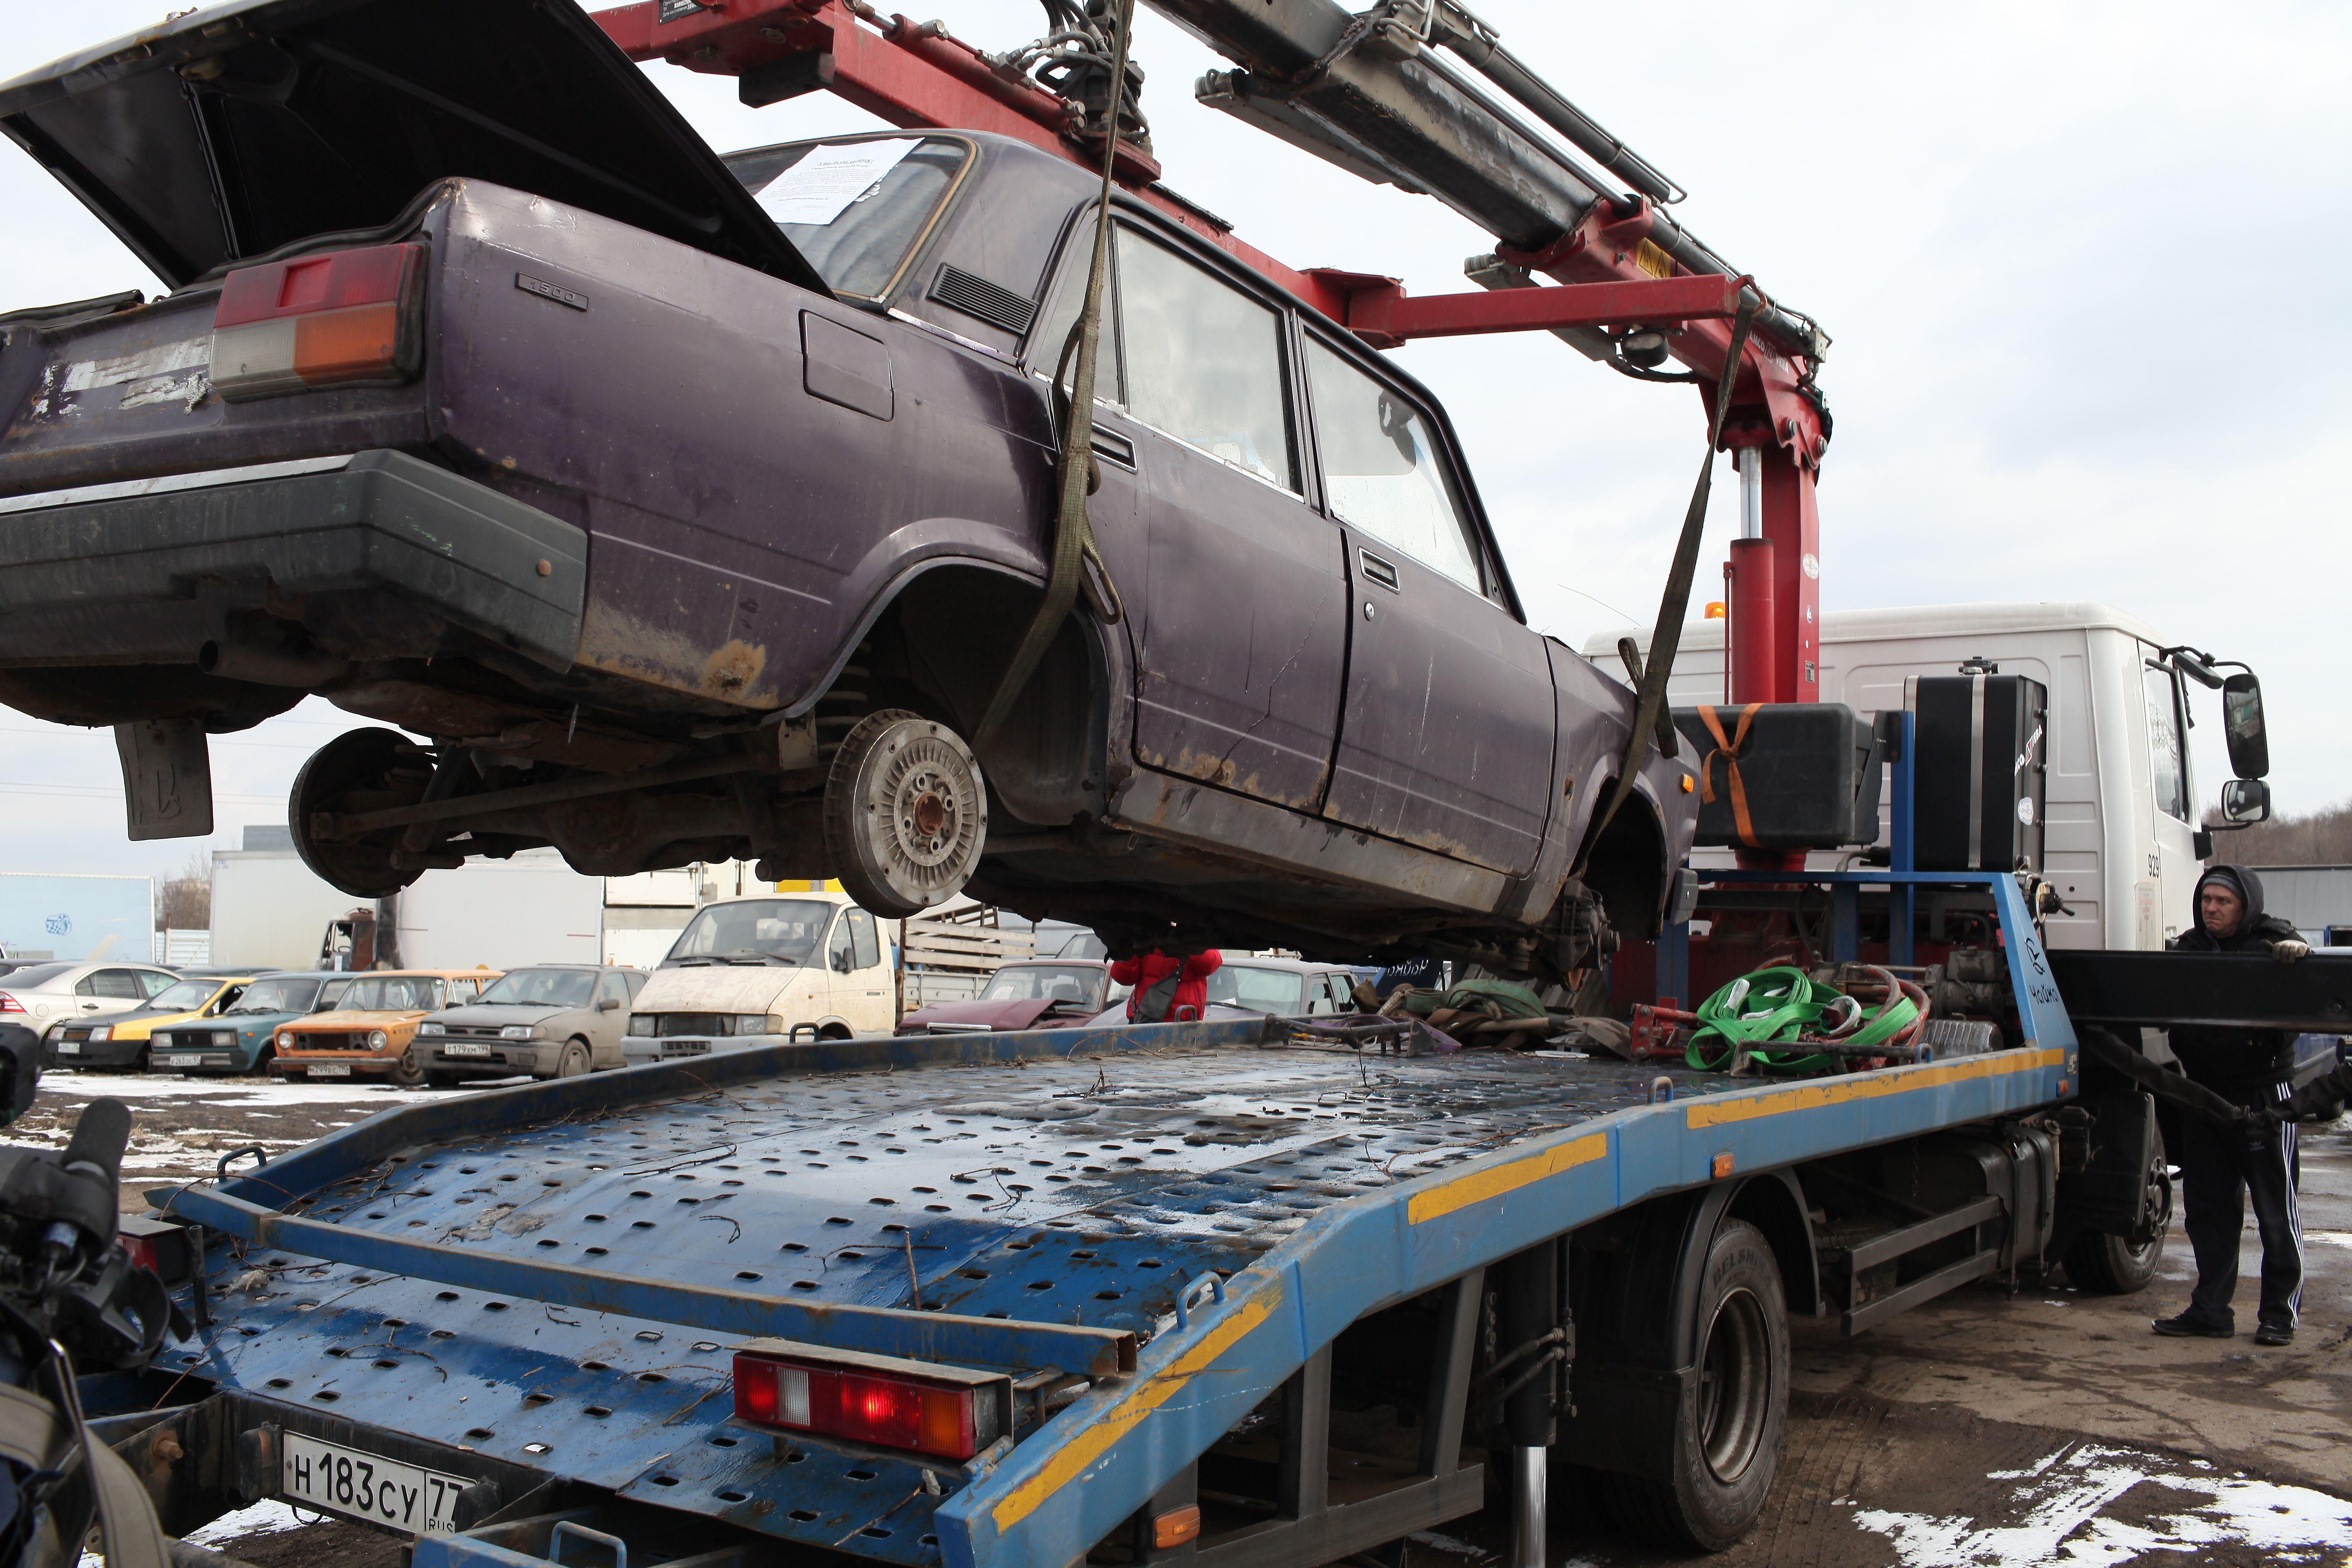 Рейд по обнаружению брошенных автомобилей пройдет в Киевском. Фото: архив